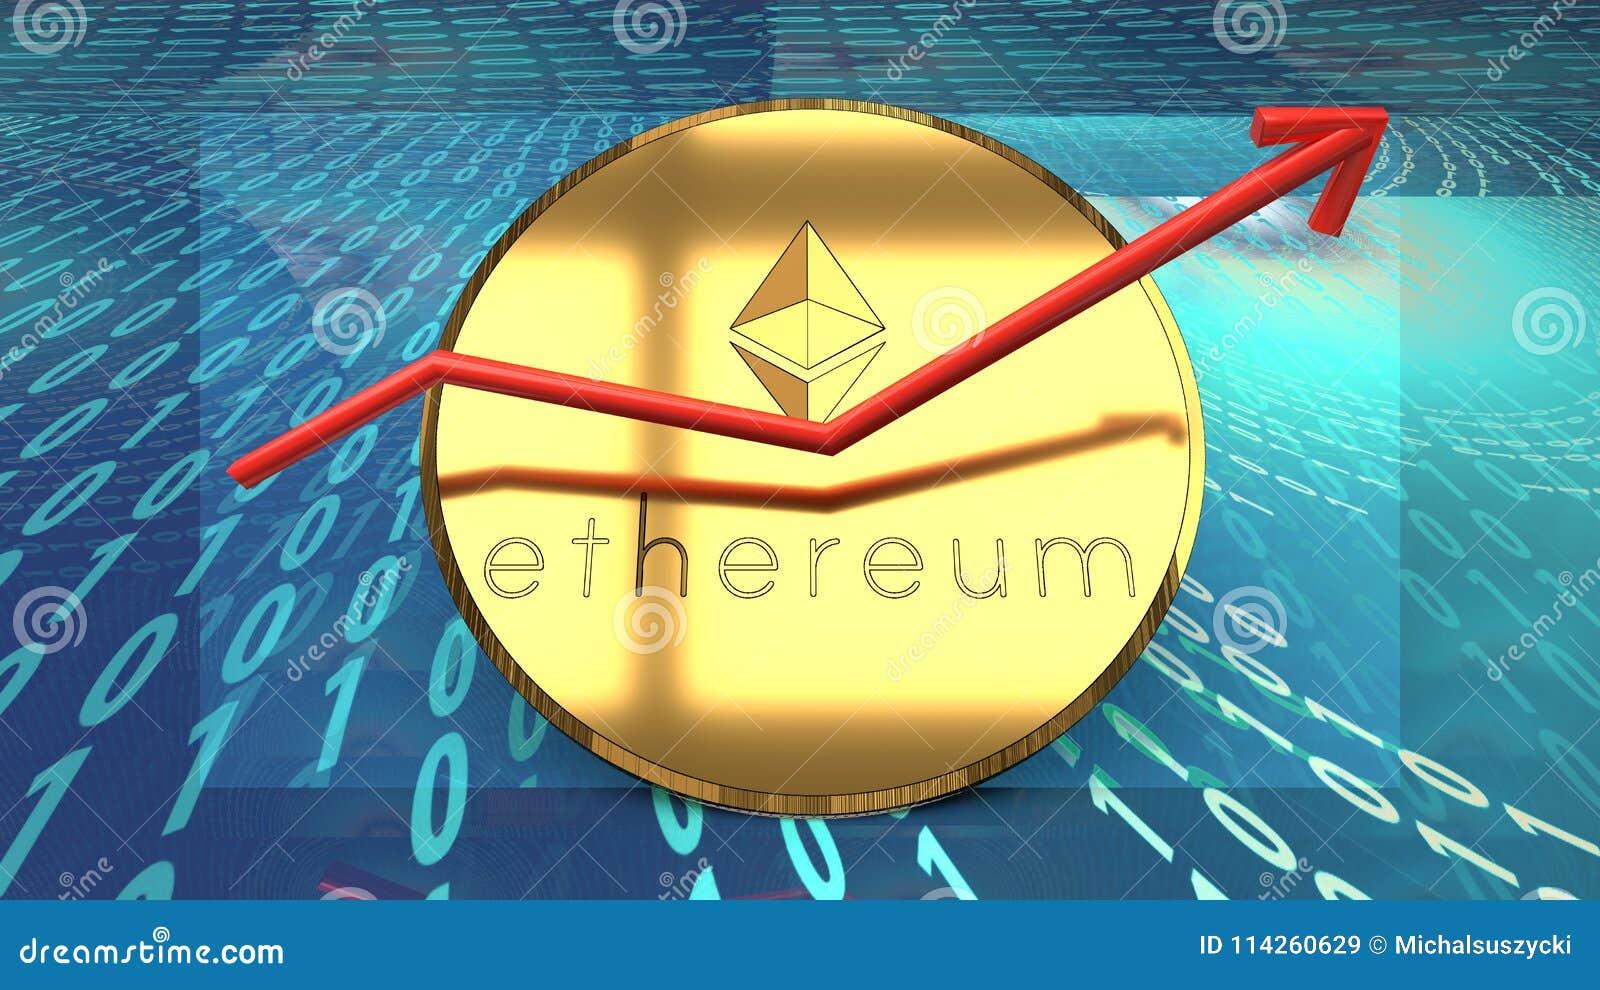 Ethereum-Währung, blockchain basierte Cyberdigitale Schlüsselwährung, bitcoin Alternative, wachsendes rotes Diagramm symbolisiert